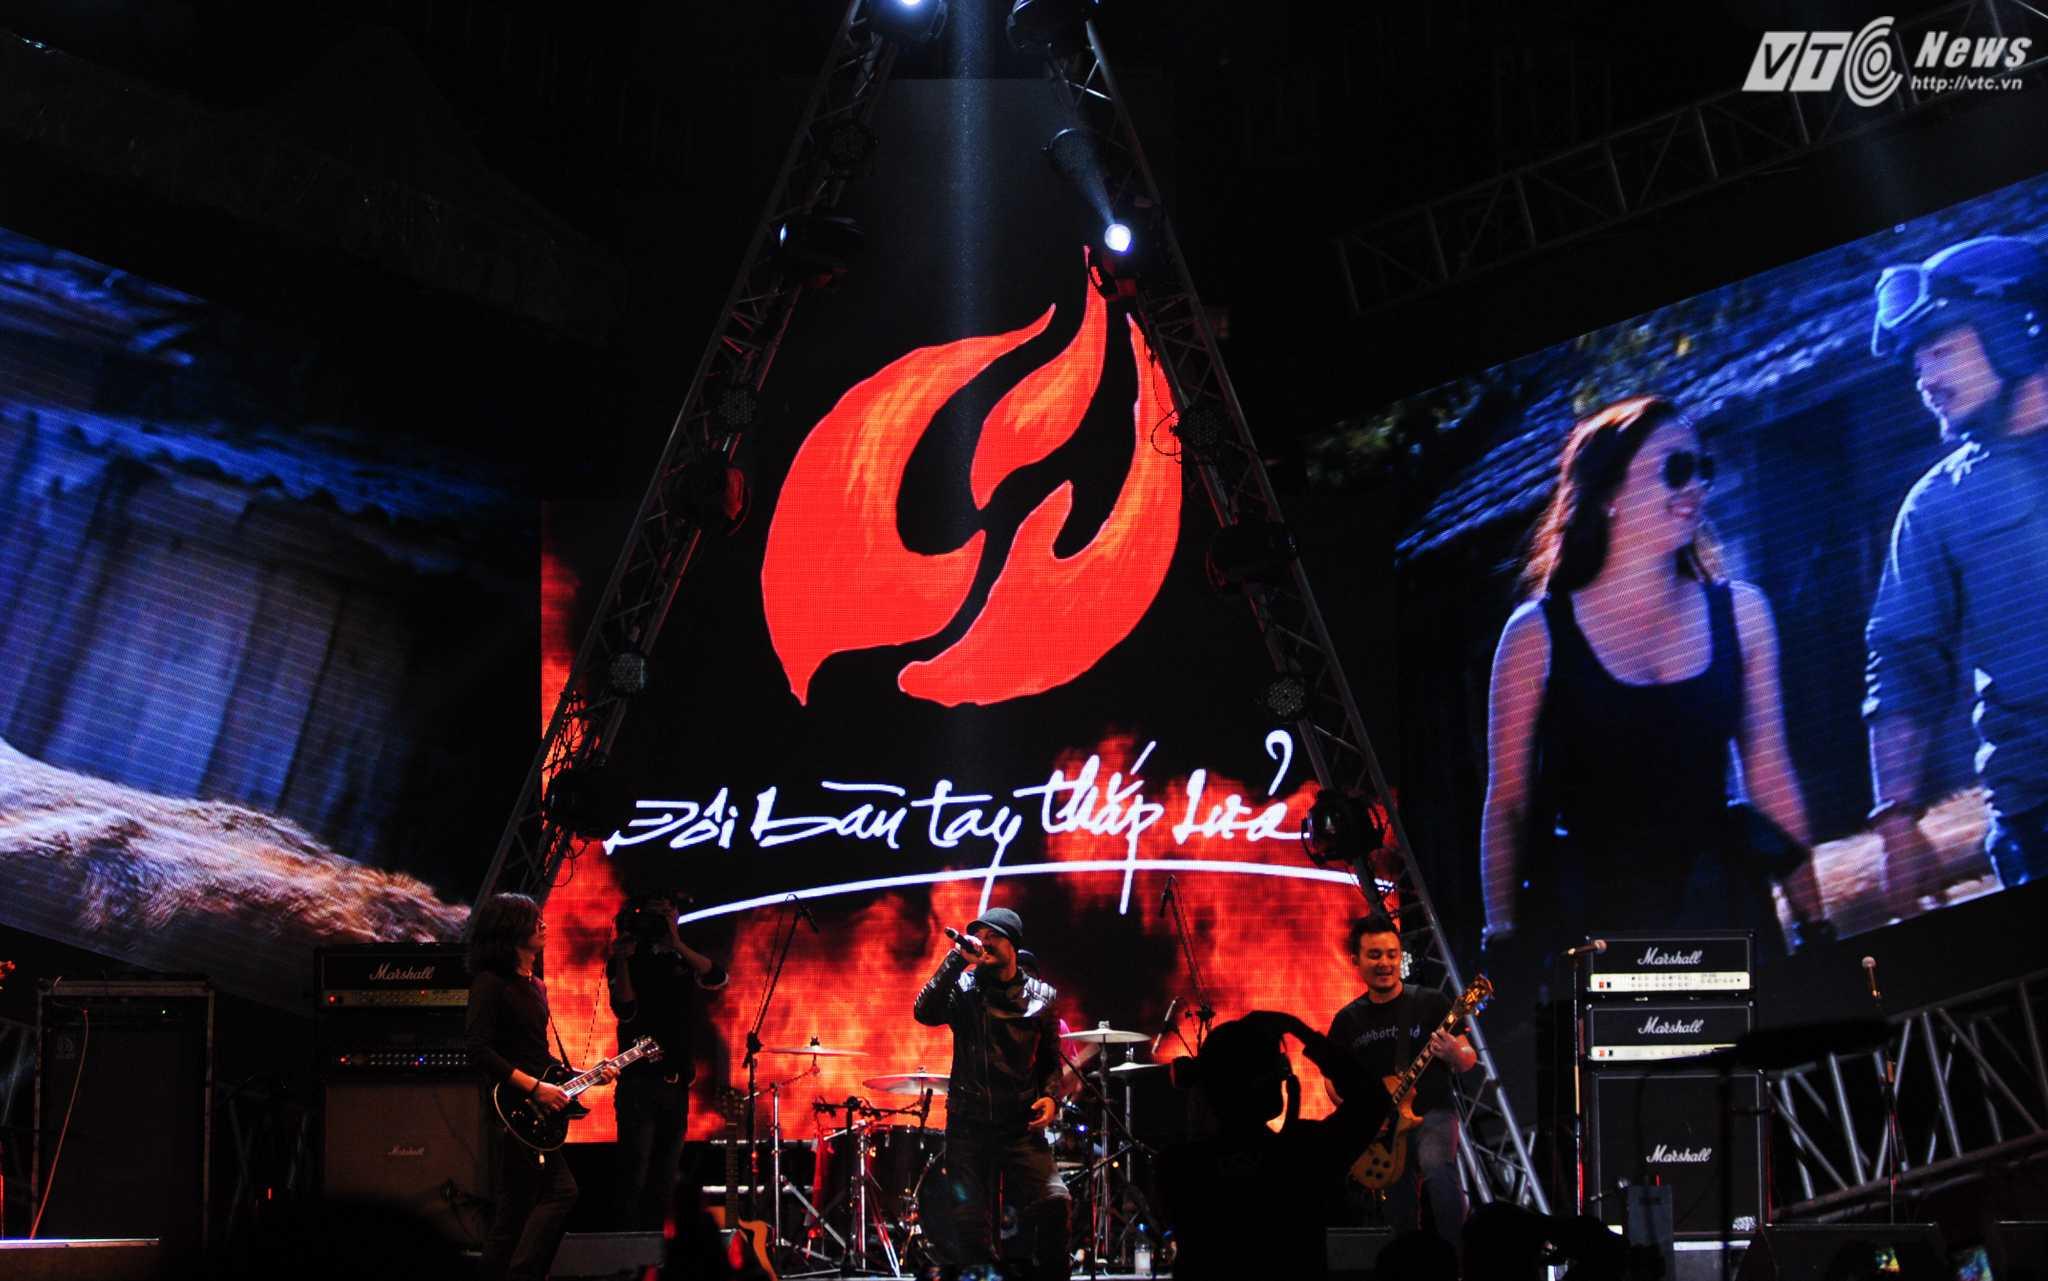 Đêm 16/1, 'Đôi bàn tay thắp lửa' là show ca nhạc lớn cuối cùng mà Trần Lập tham gia - Ảnh: Tùng Đinh